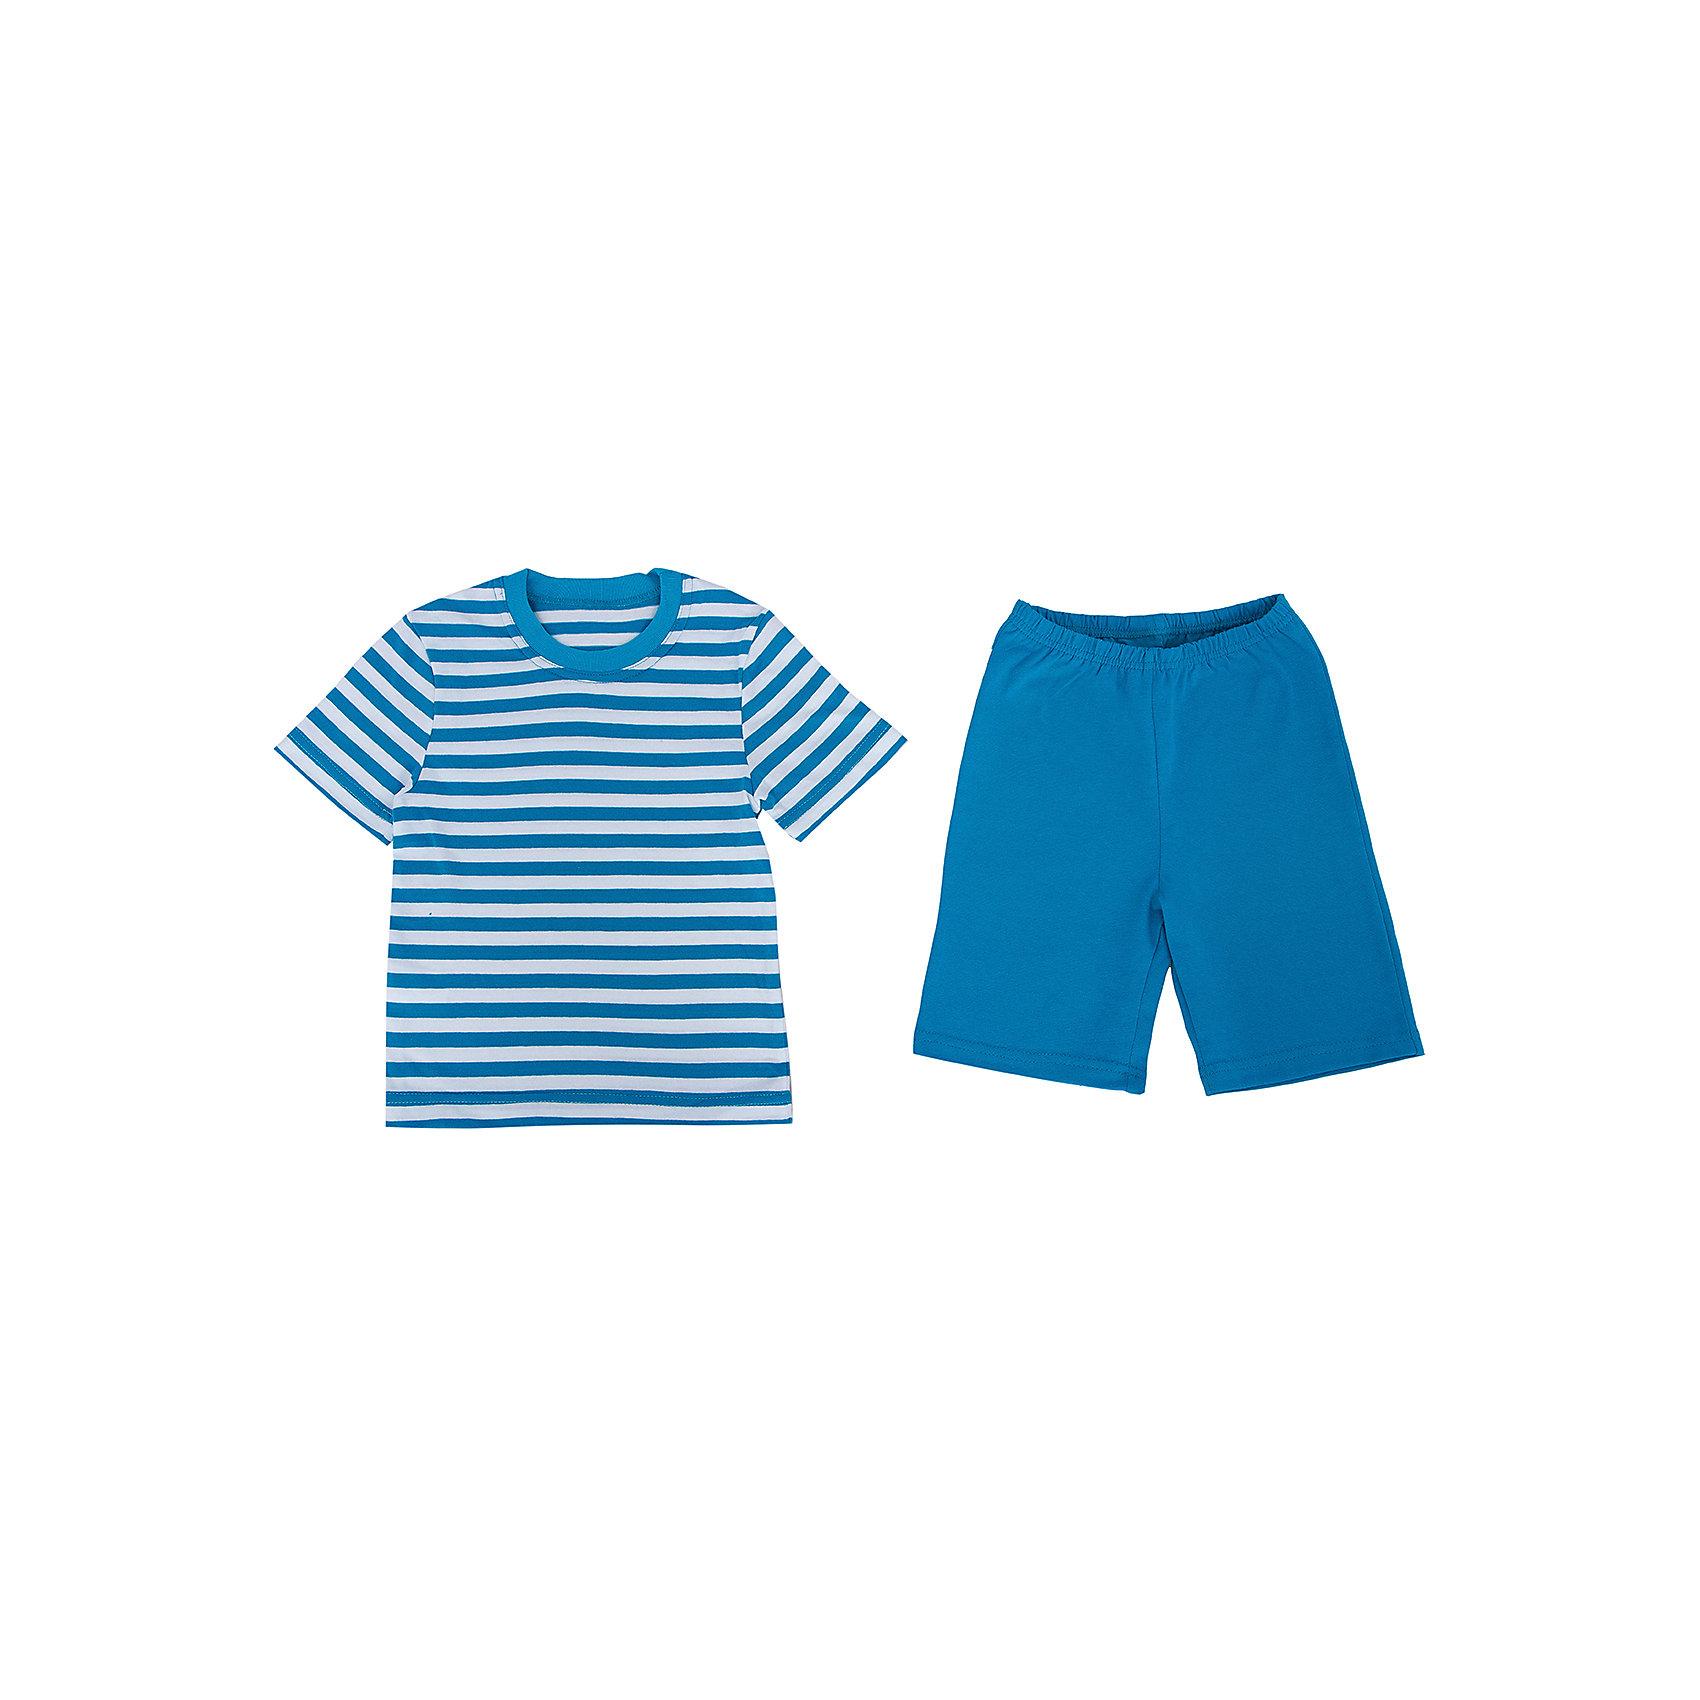 Пижама для мальчика АпрельПижамы и сорочки<br>Пижама для мальчика от известного бренда Апрель. <br><br>Состав:<br>хлопок 100%, хлопок 95% + лайкра 5%<br><br>Ширина мм: 281<br>Глубина мм: 70<br>Высота мм: 188<br>Вес г: 295<br>Цвет: бирюзовый<br>Возраст от месяцев: 48<br>Возраст до месяцев: 60<br>Пол: Мужской<br>Возраст: Детский<br>Размер: 110,104,116,86,92,98<br>SKU: 4768098